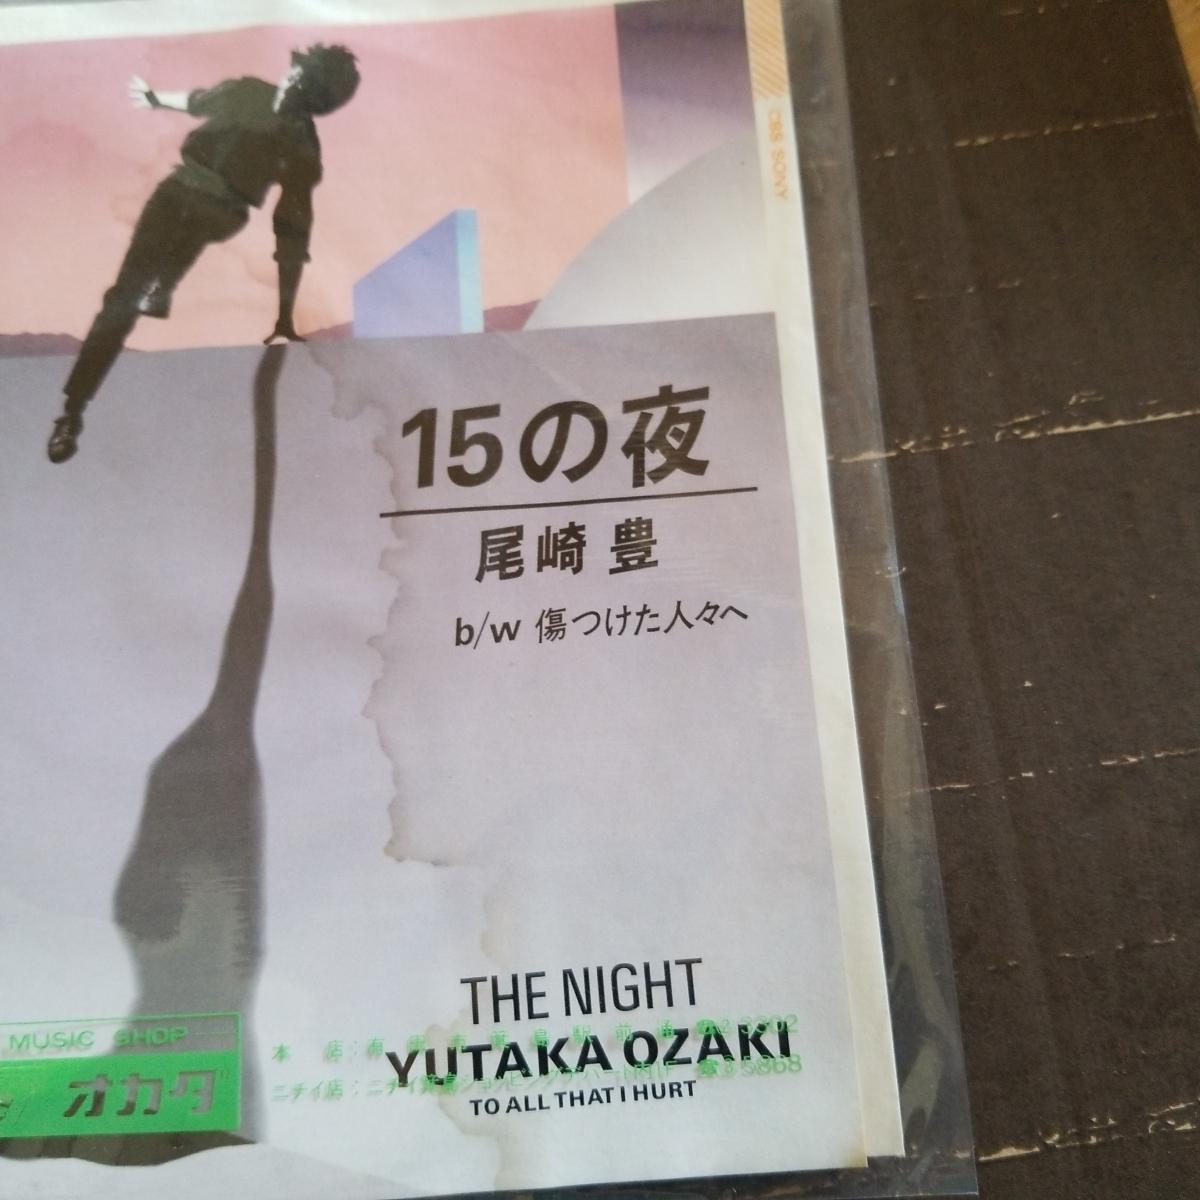 尾崎豊 15の夜 傷つけた人々へ 17歳の地図 OH MY LITTLE GIRL はじまりさえ歌えない 愛が消えた街 レコード まとめて_画像4